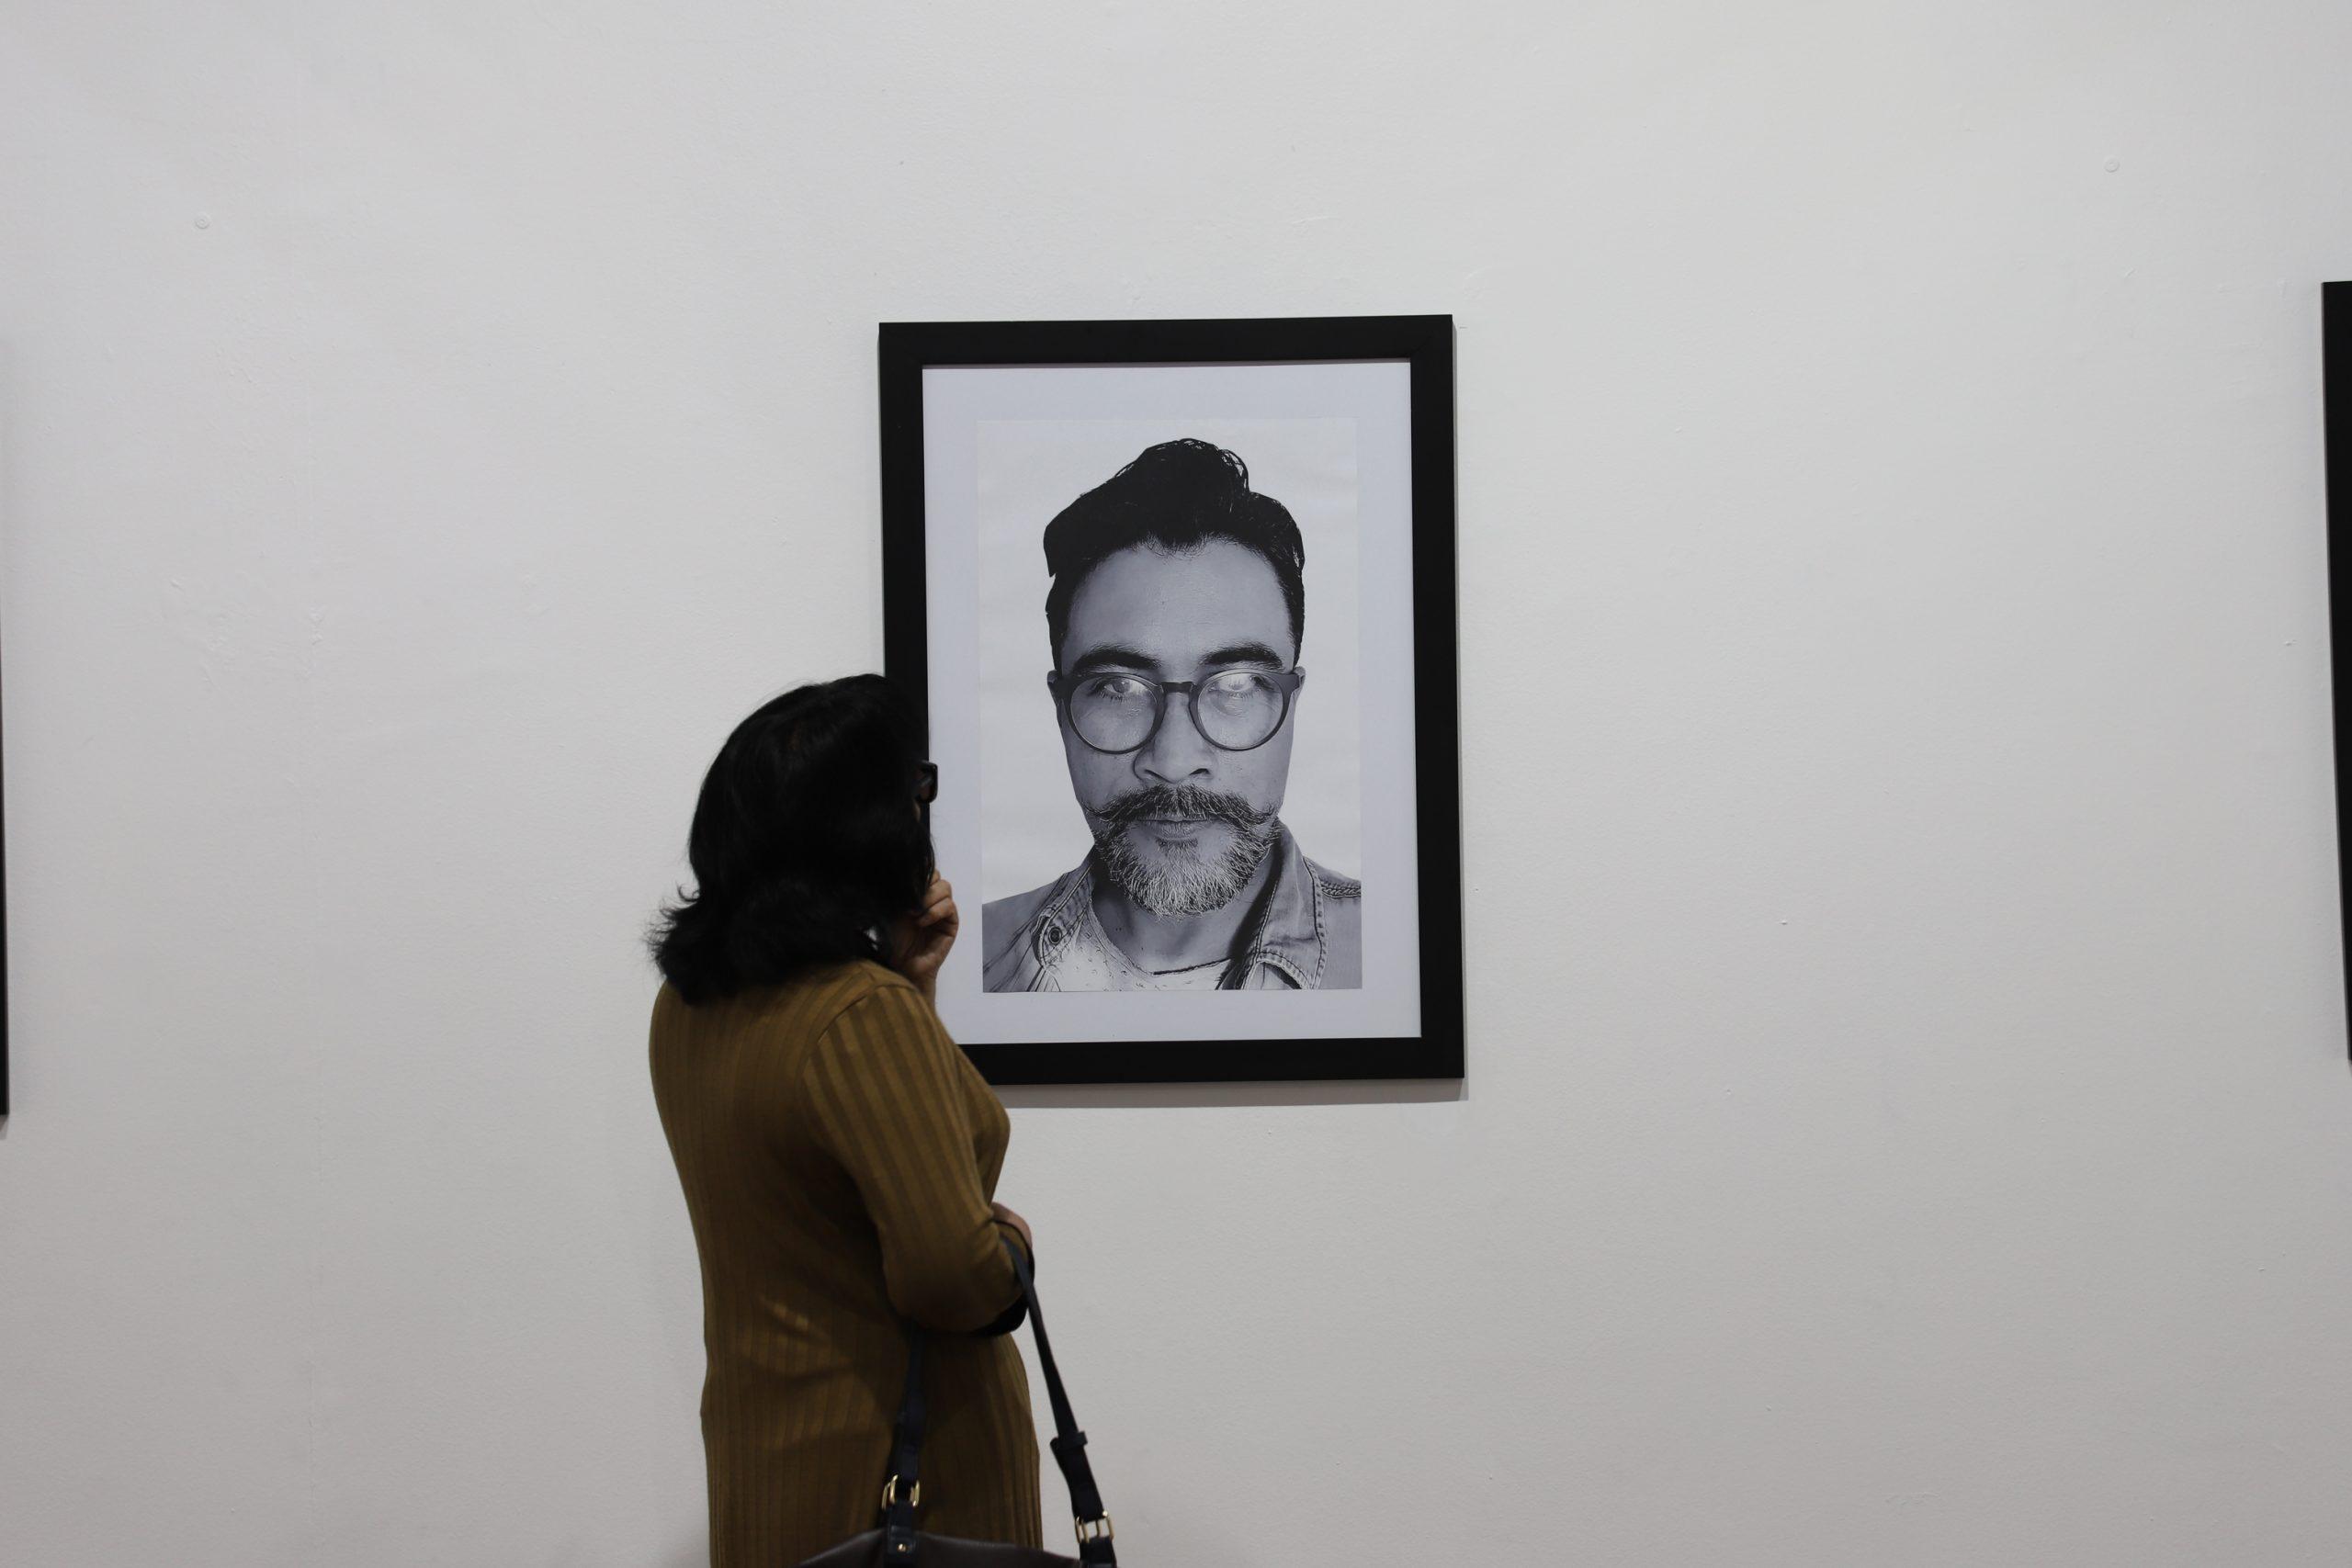 Galería Pablo Neruda reabre sus puertas con un homenaje póstumo a destacado profesional calameño